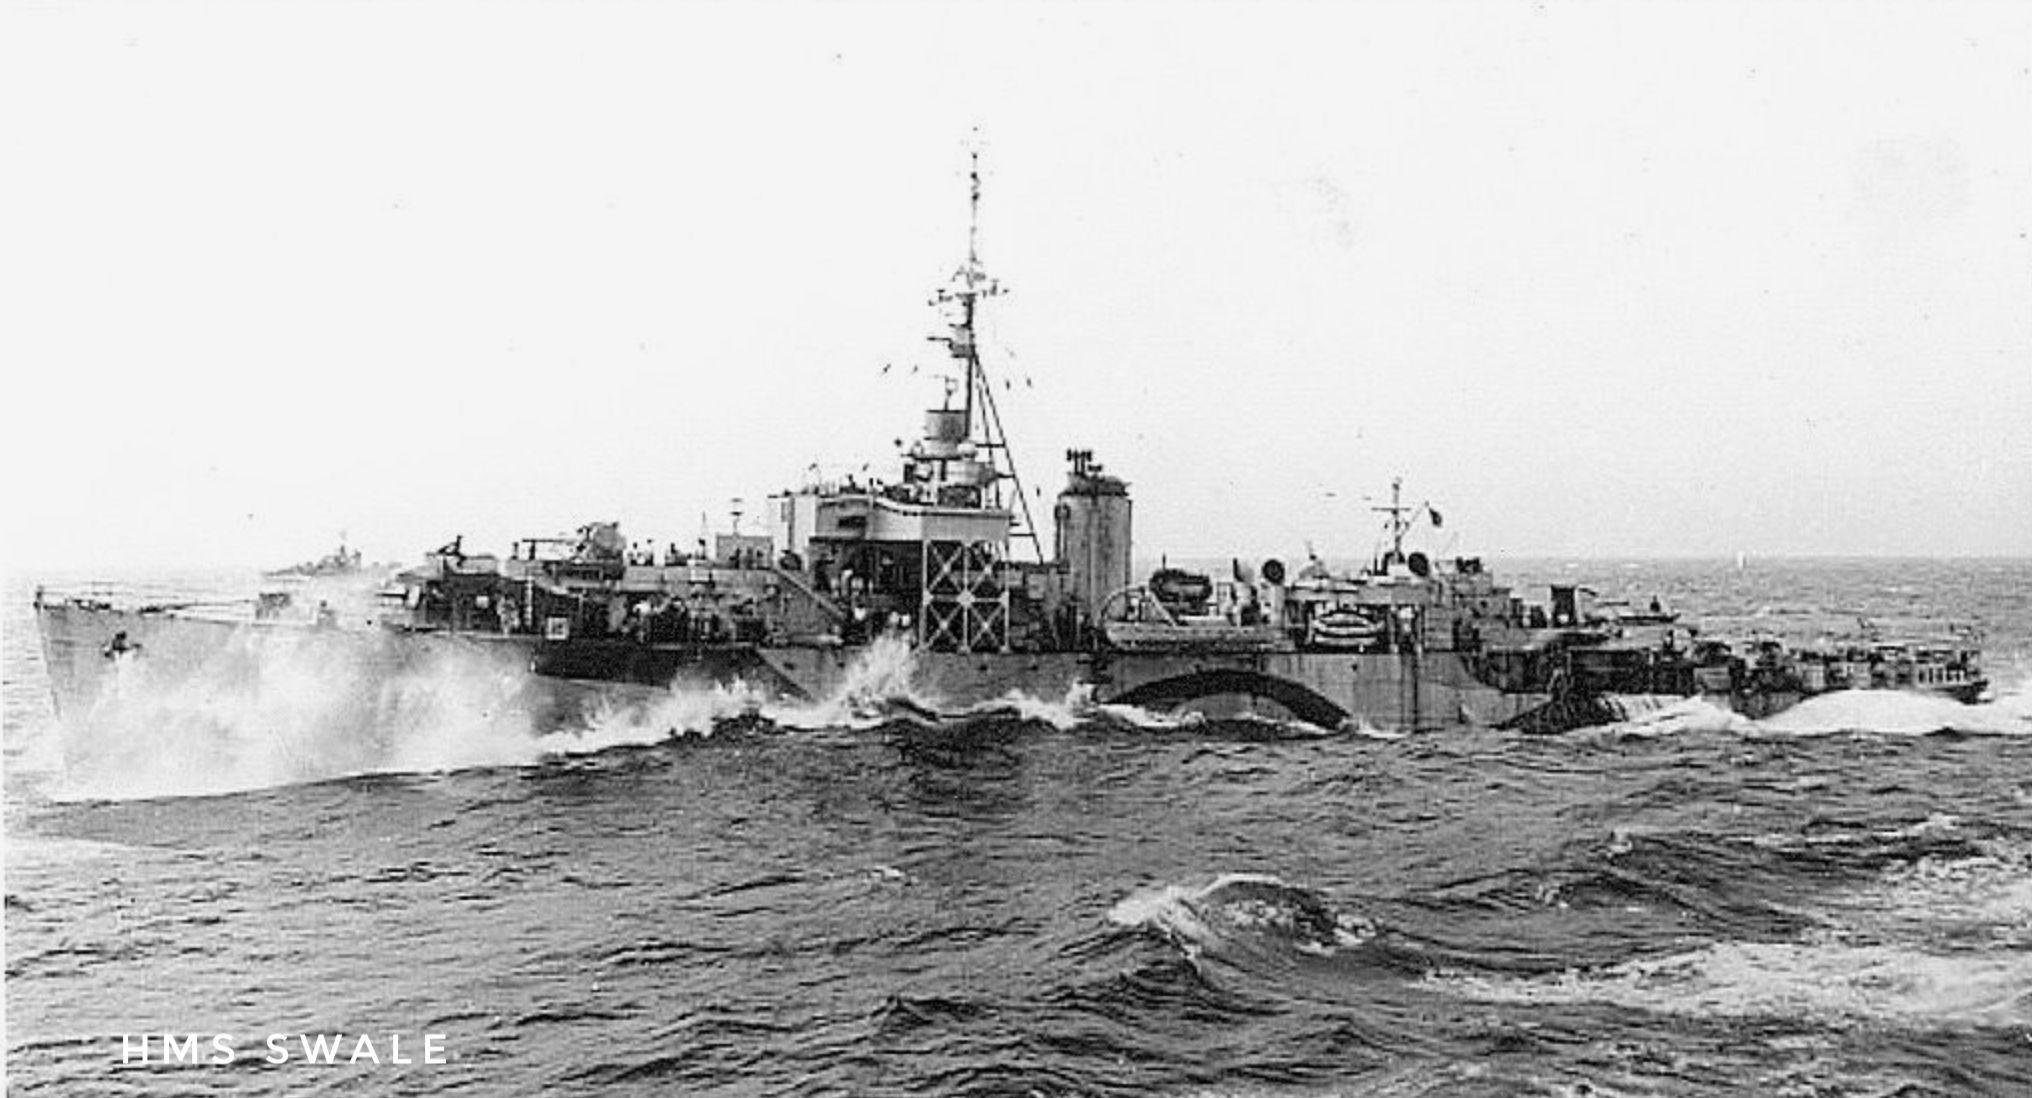 Le fregate, breve storia di un vascello di successo - parte II di Andrea Mucedola e Fernando Cerutti